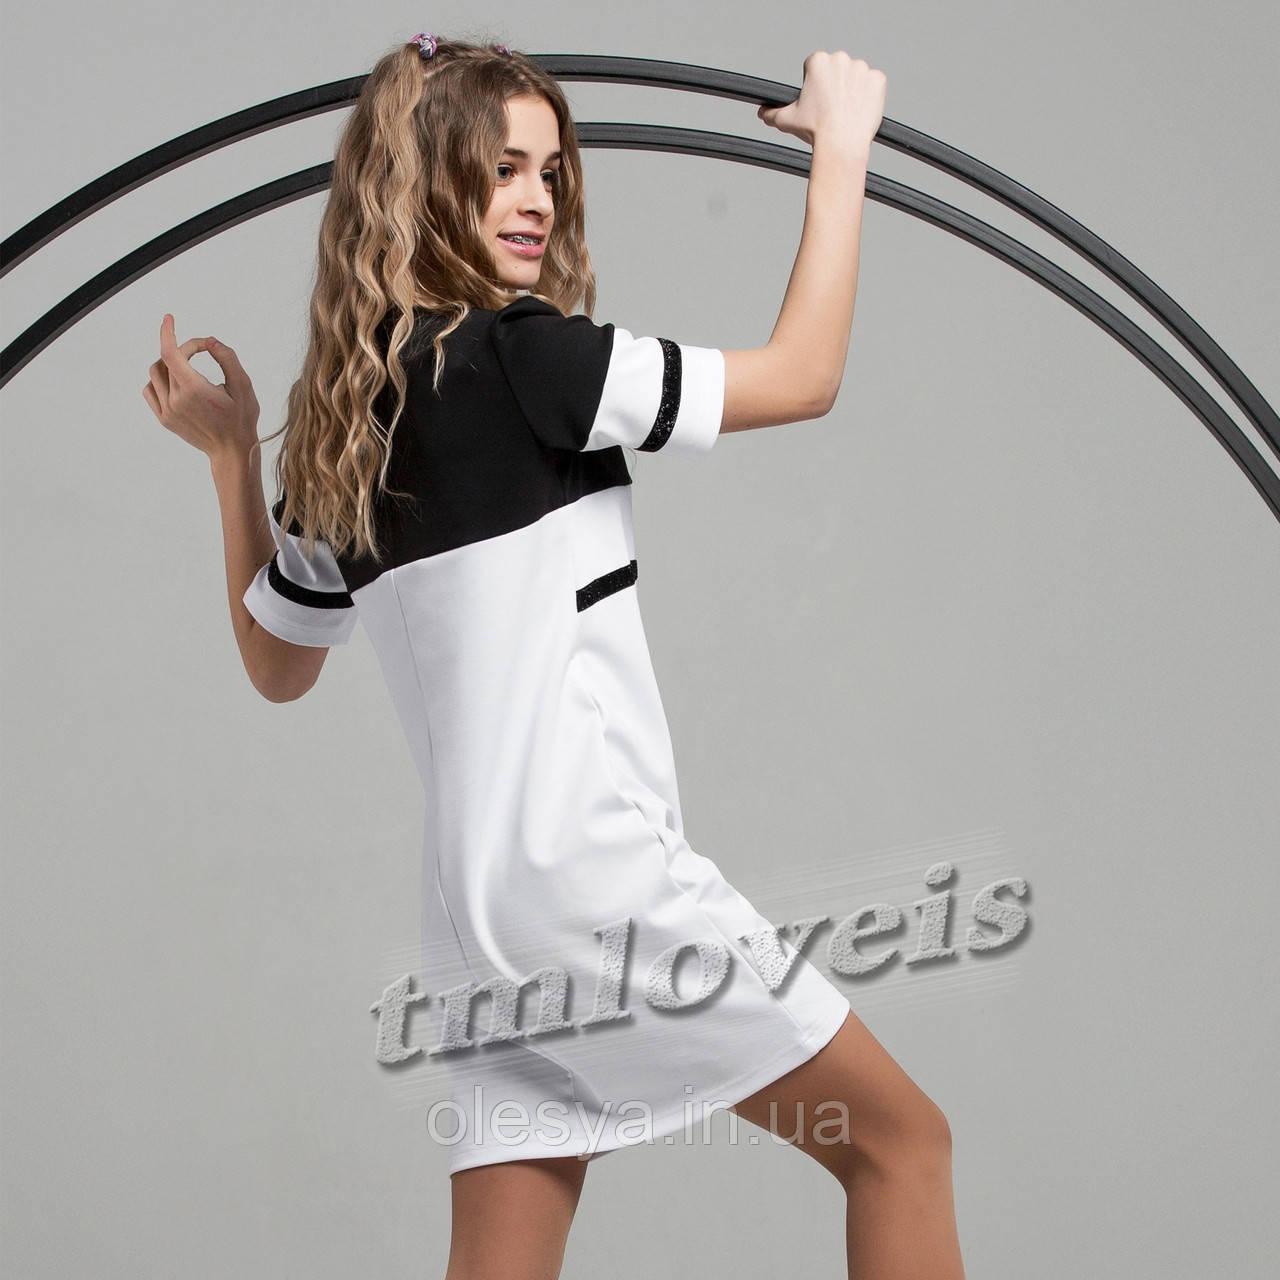 Стильное платье для девочек TM LOVEIS Мадлен Размеры 140- 170